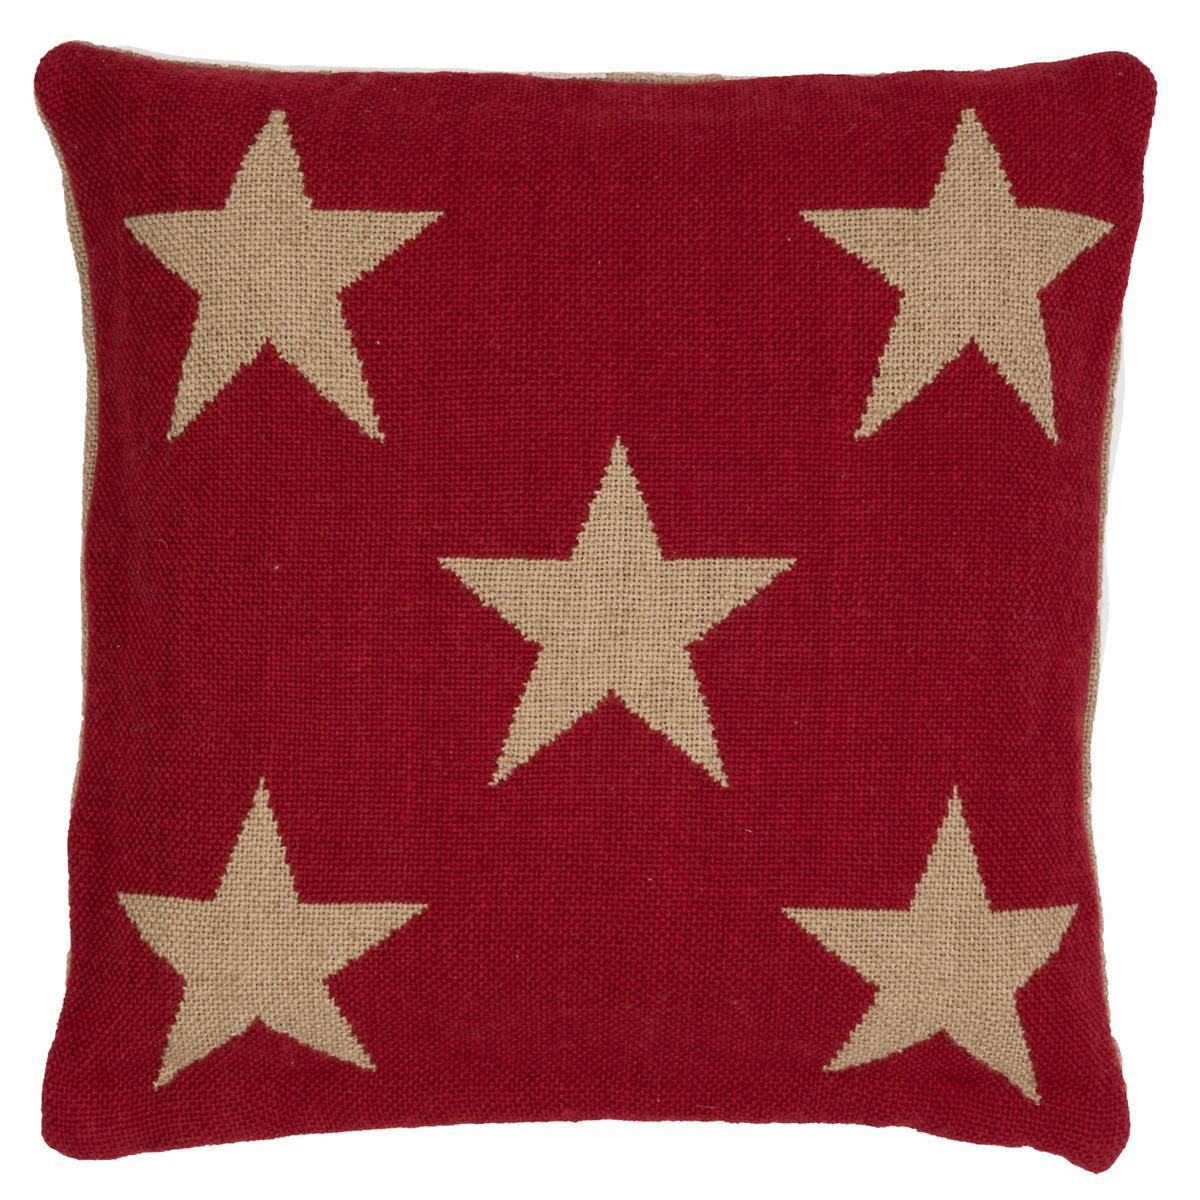 Star Red/Camel Indoor/Outdoor Pillow